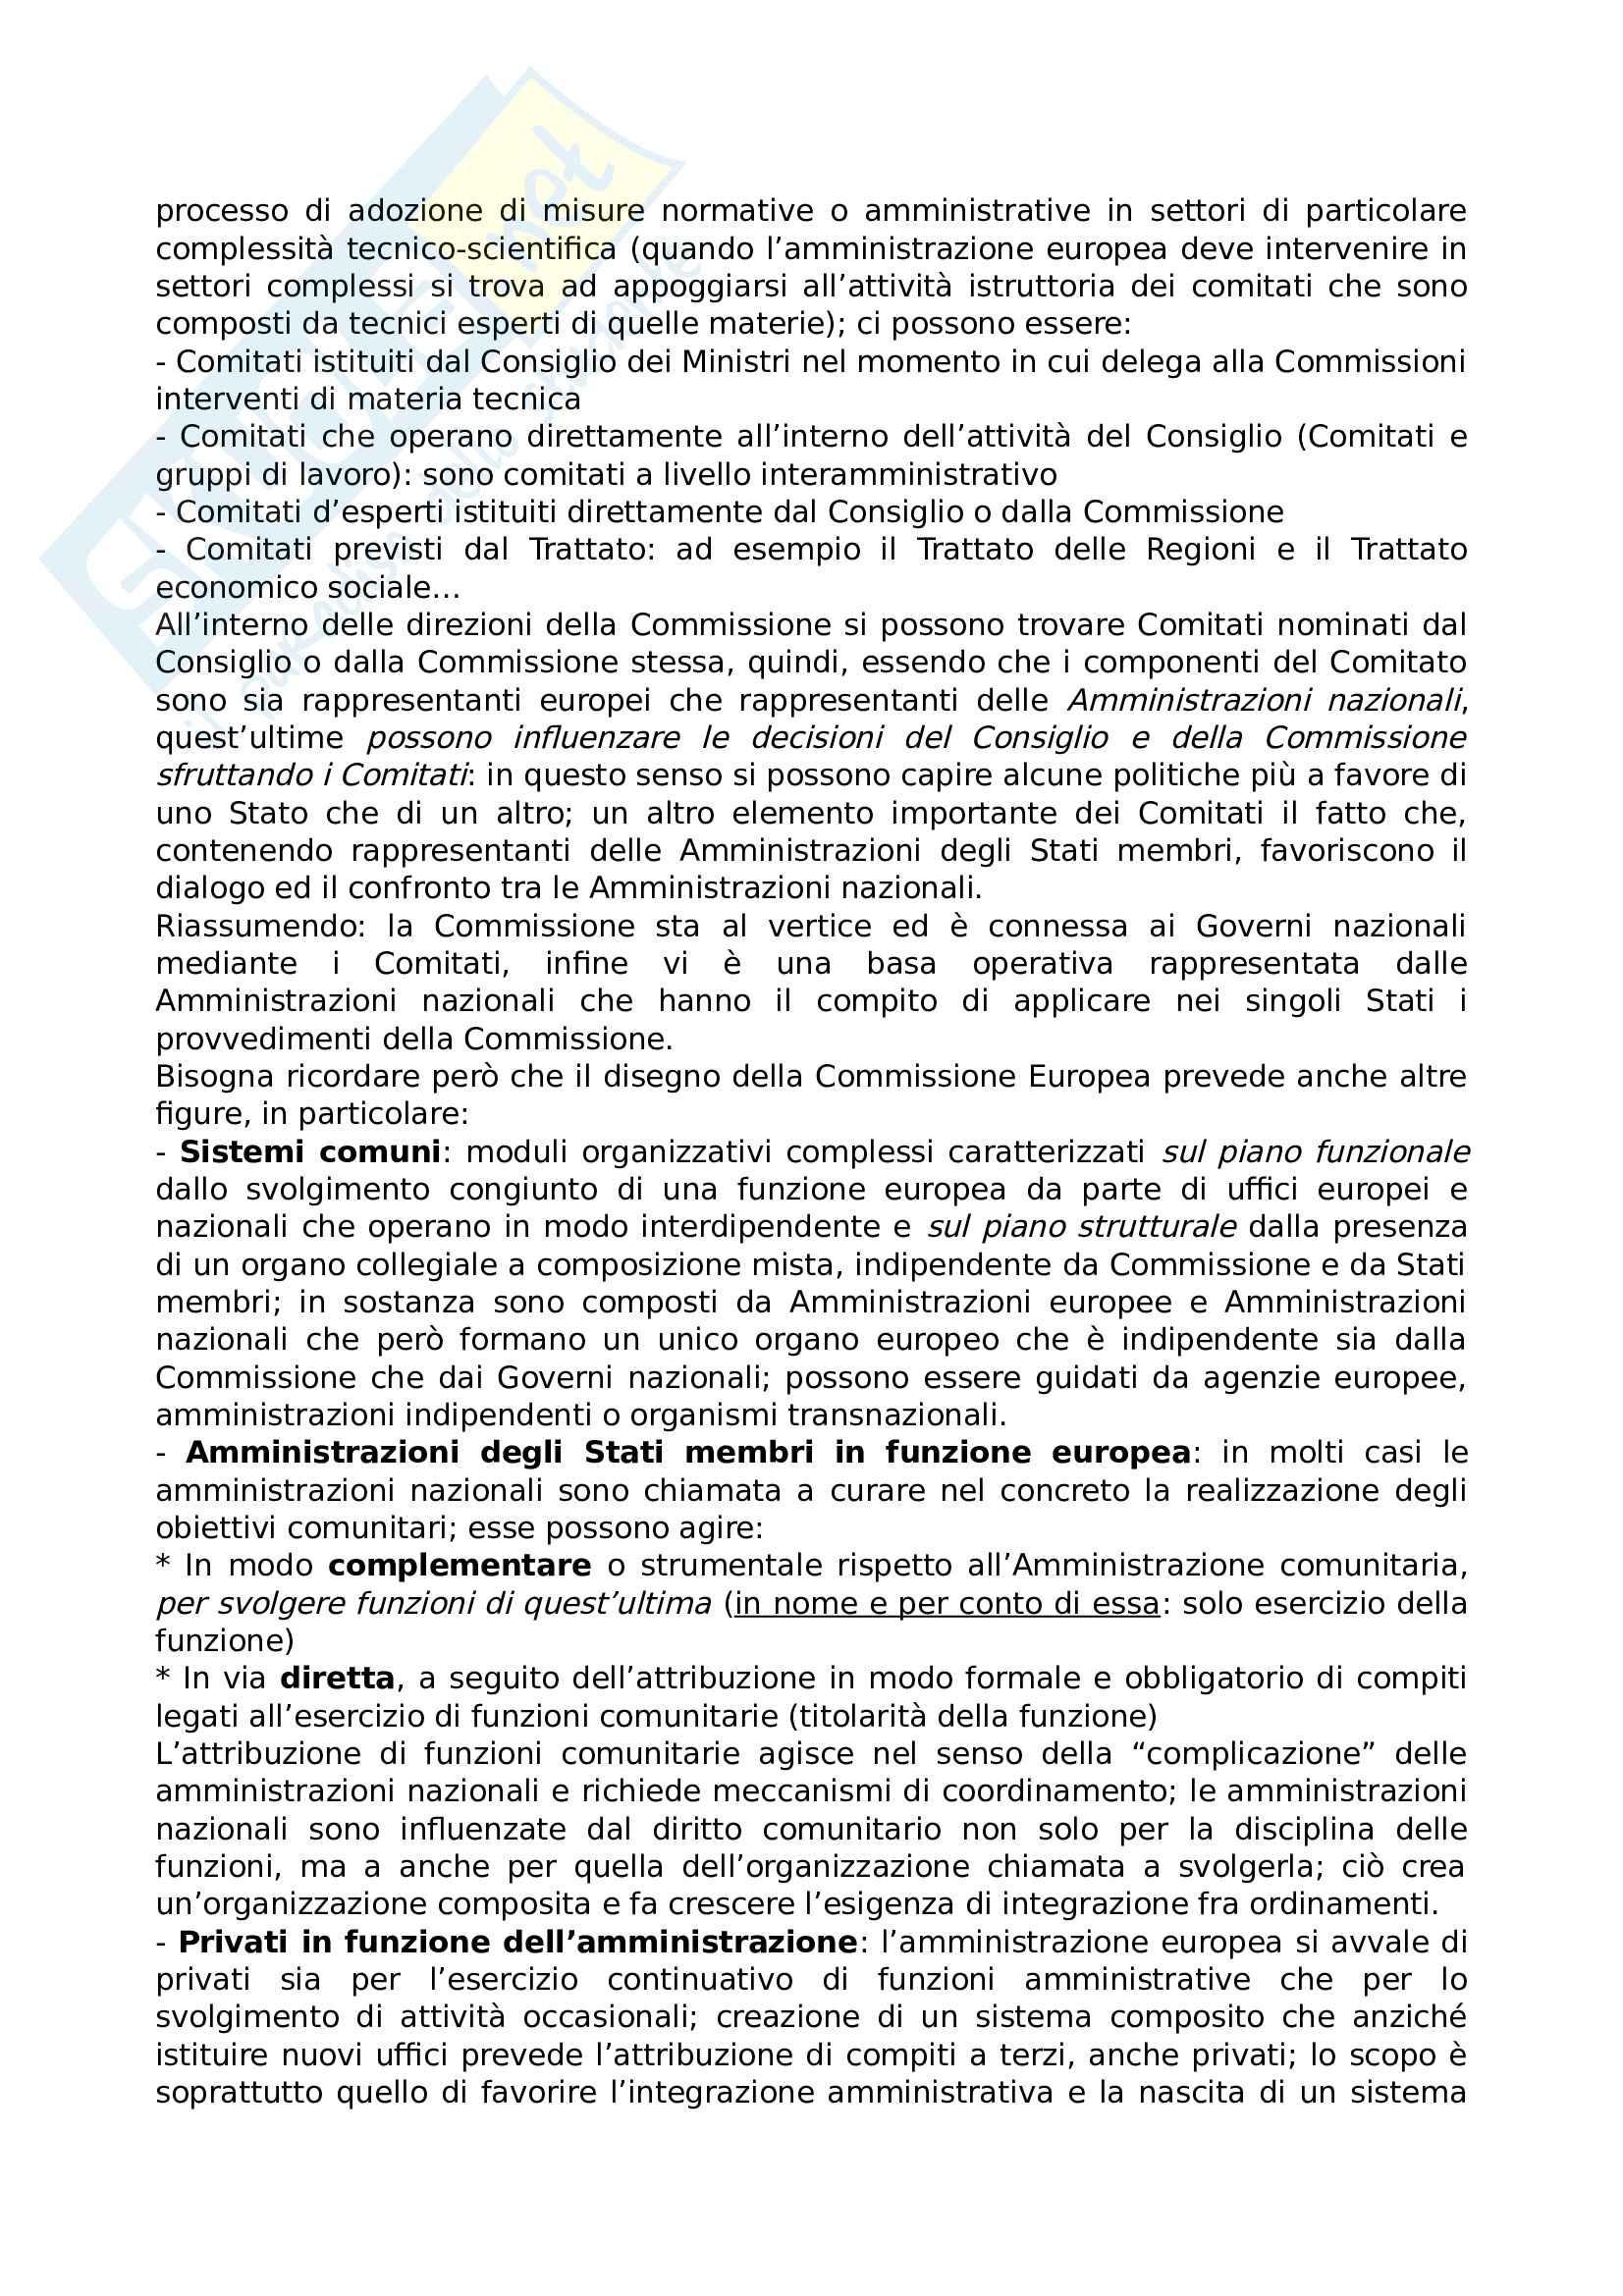 """Riassunto lezioni del corso """"Diritto amministrativo"""" (Codice esame 120041) Pag. 31"""